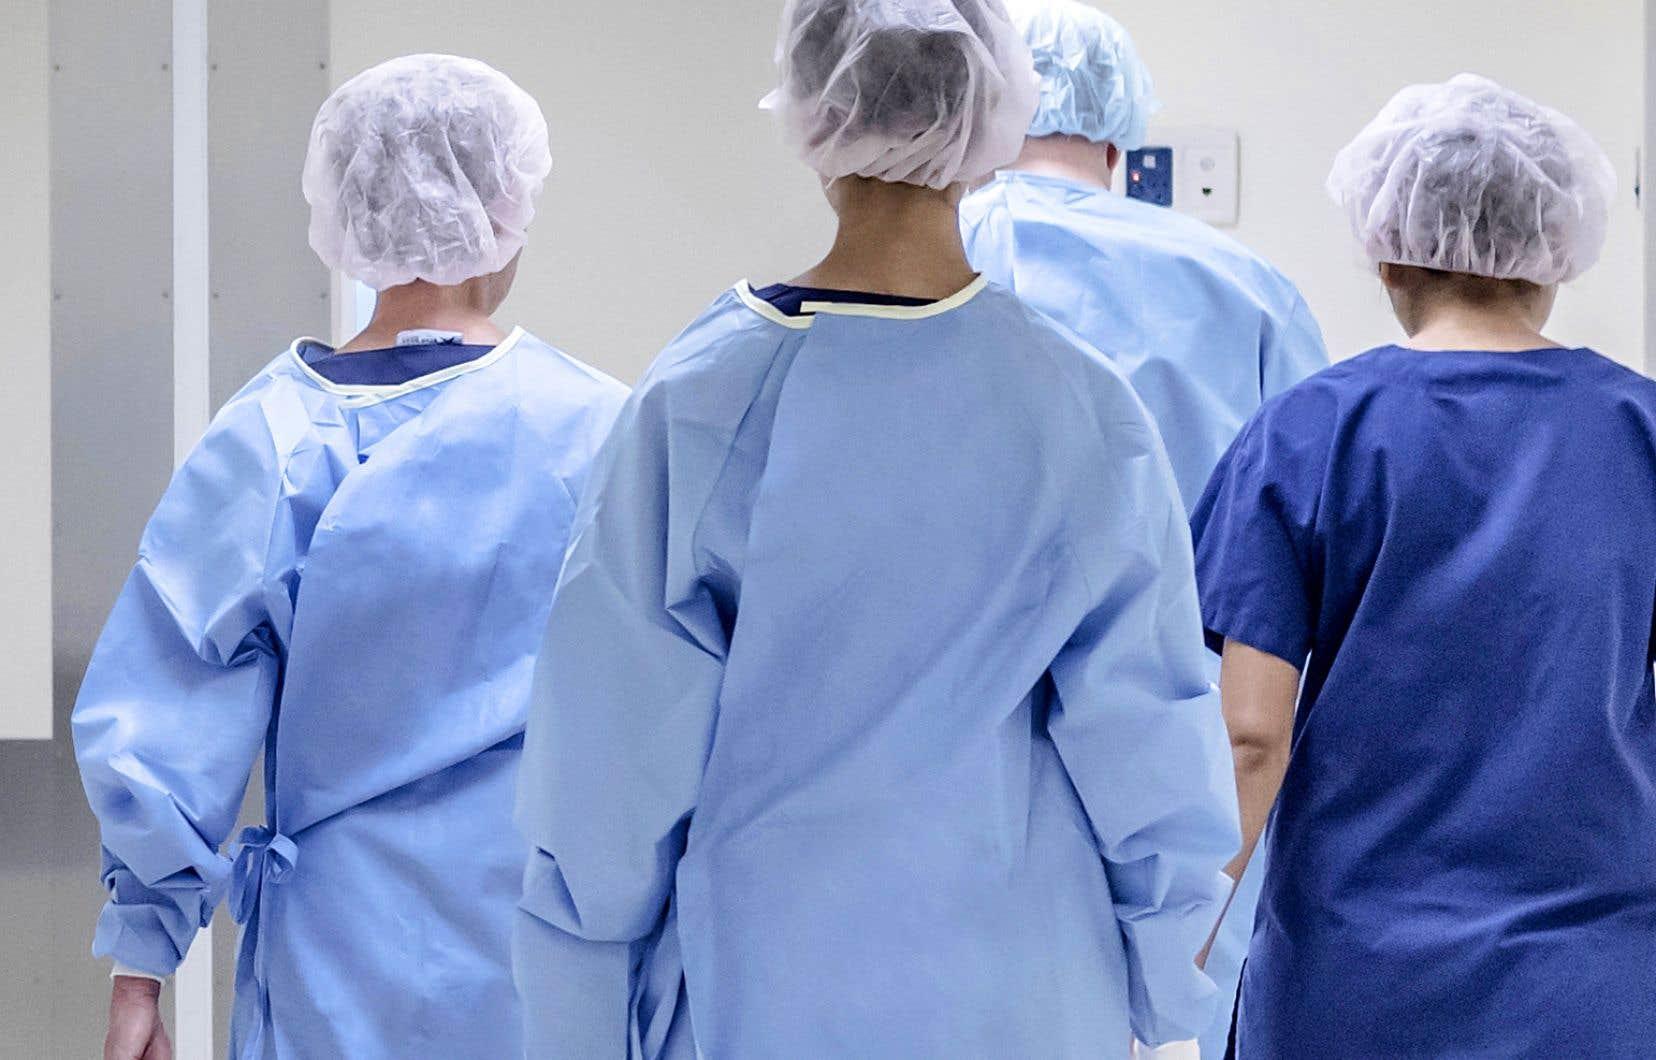 Plus de 1300 travailleurs de la santé, souvent non adéquatement vaccinés, ont contracté la COVID-19 cet été et ont entraîné l'isolement de centaines d'autres.